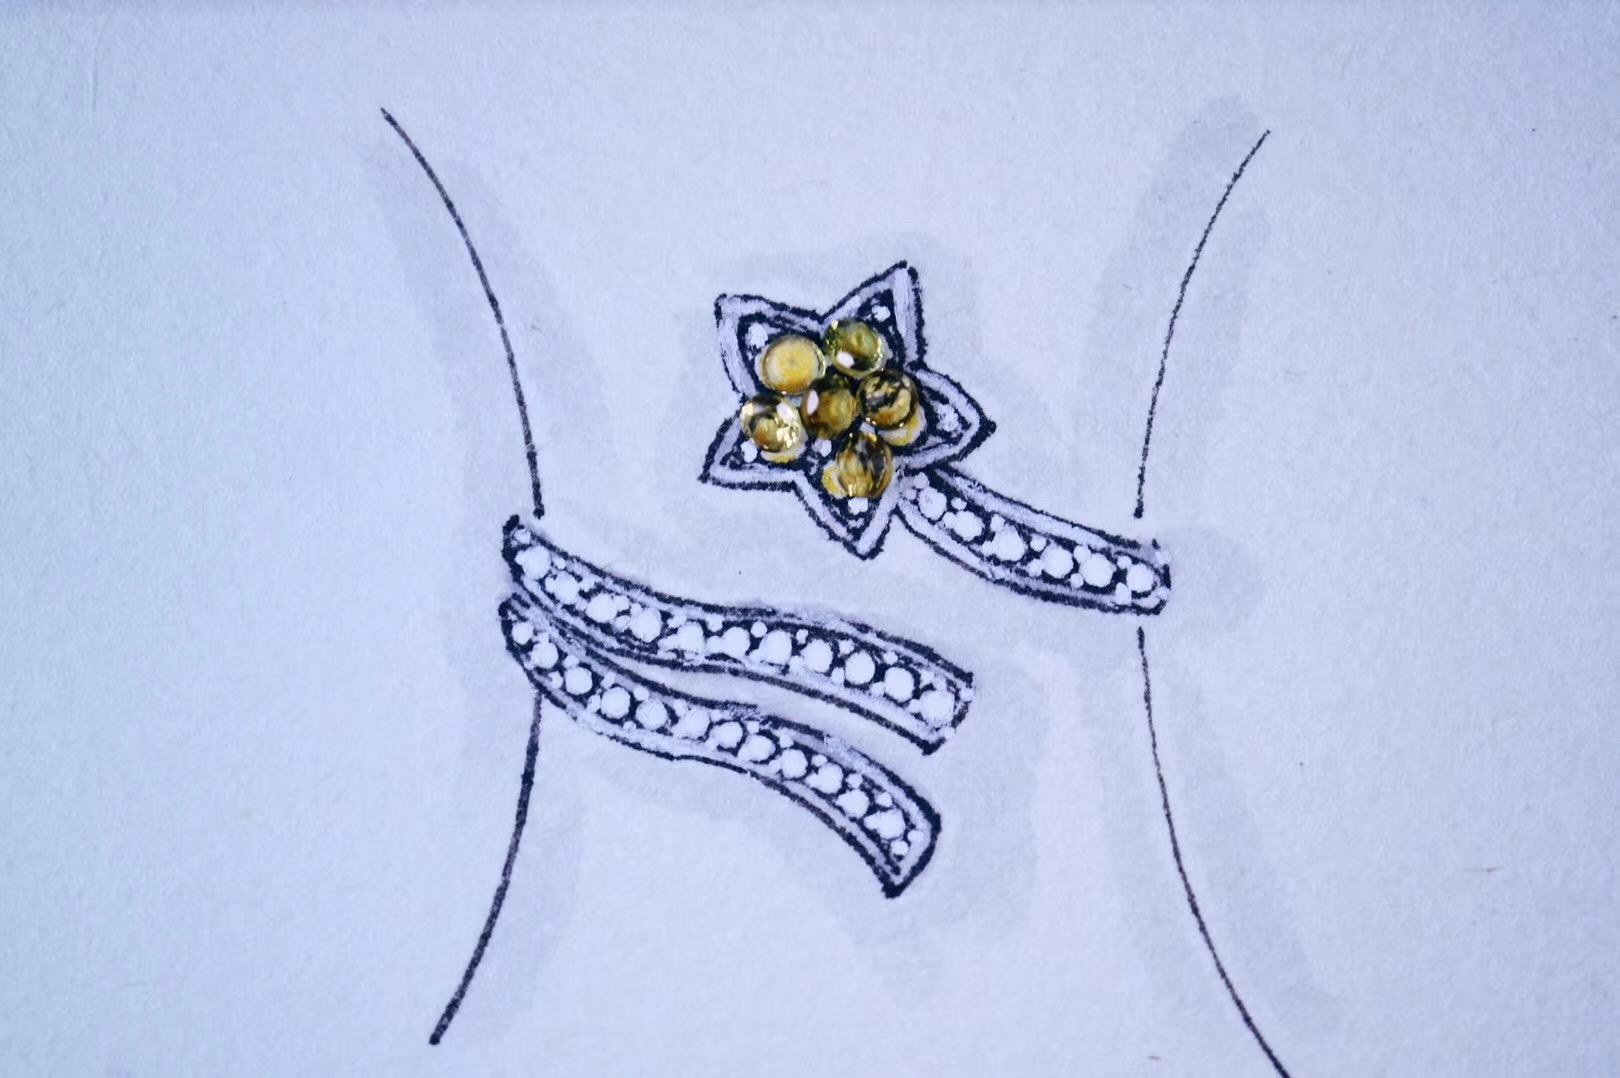 【菩心-碧玺流星戒】奉上一波关于浪漫、星星的设计-菩心晶舍